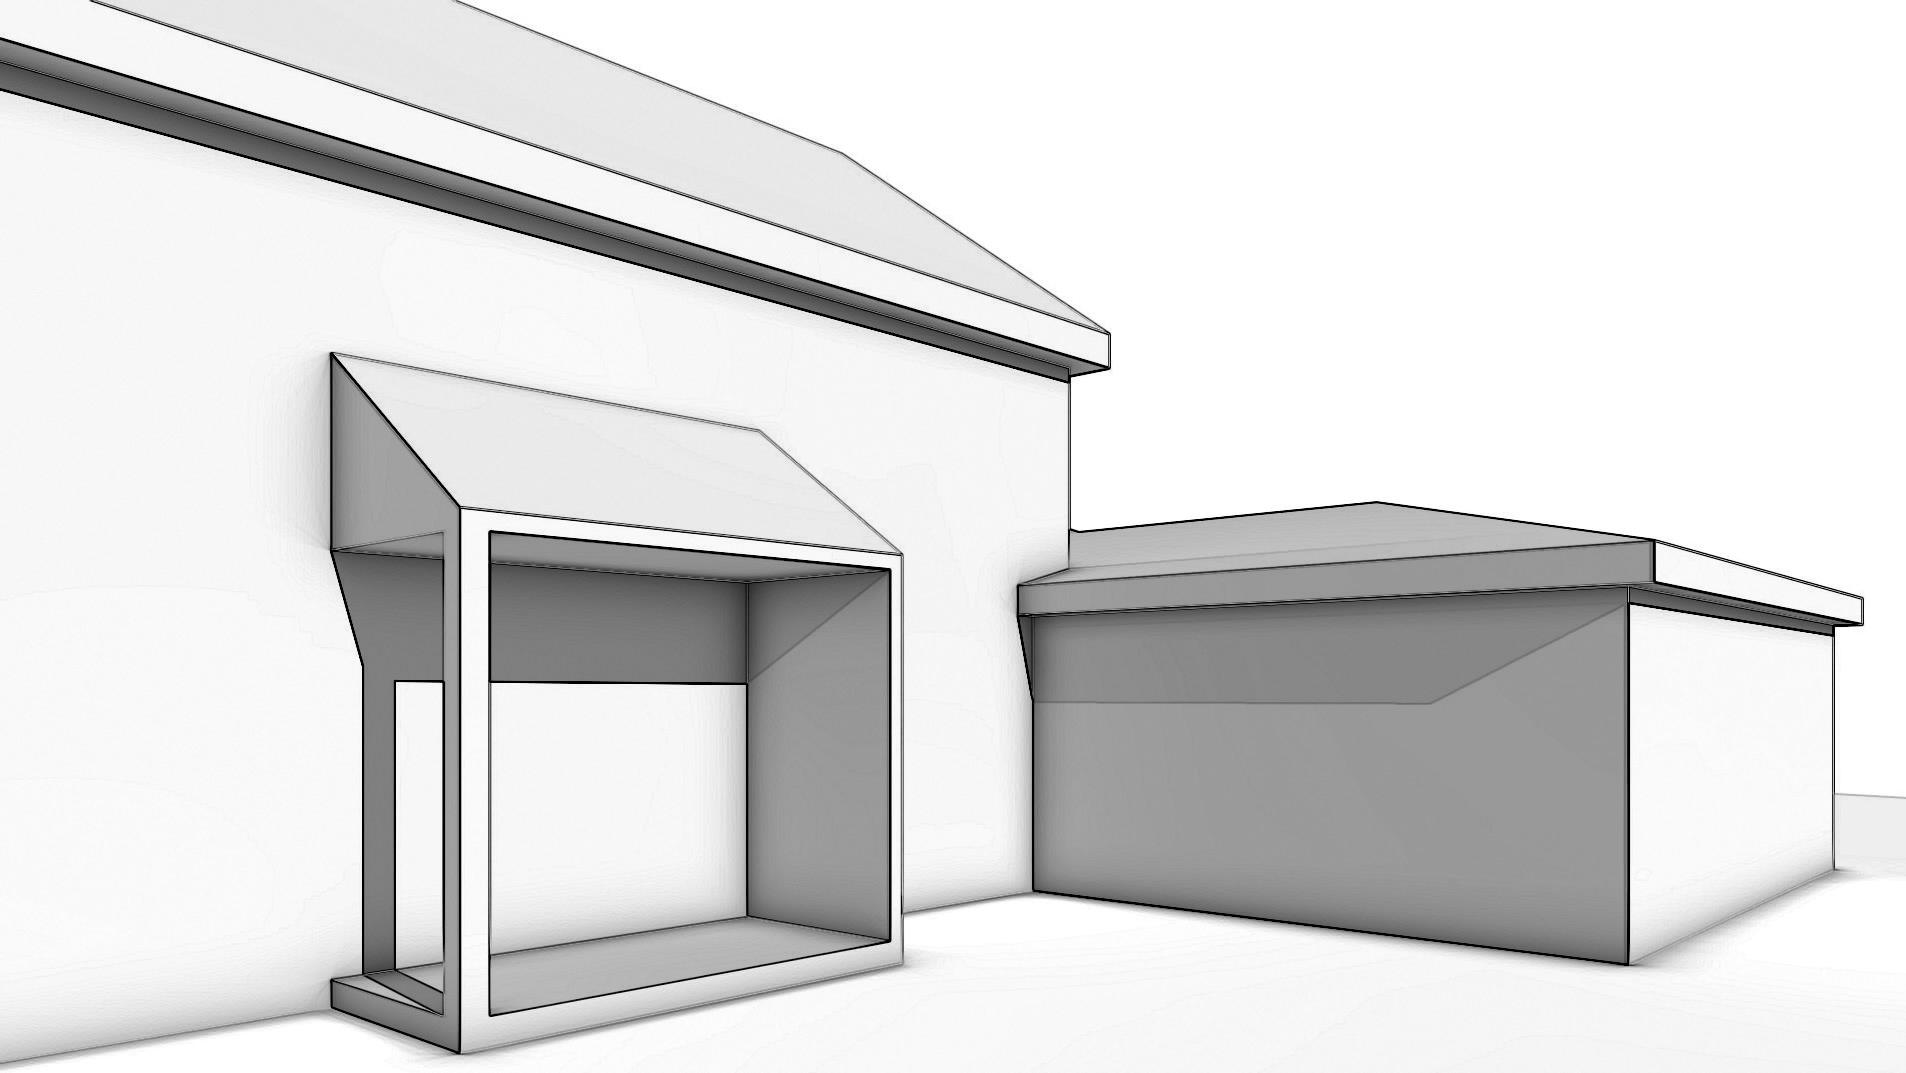 Roofline1-b.jpg